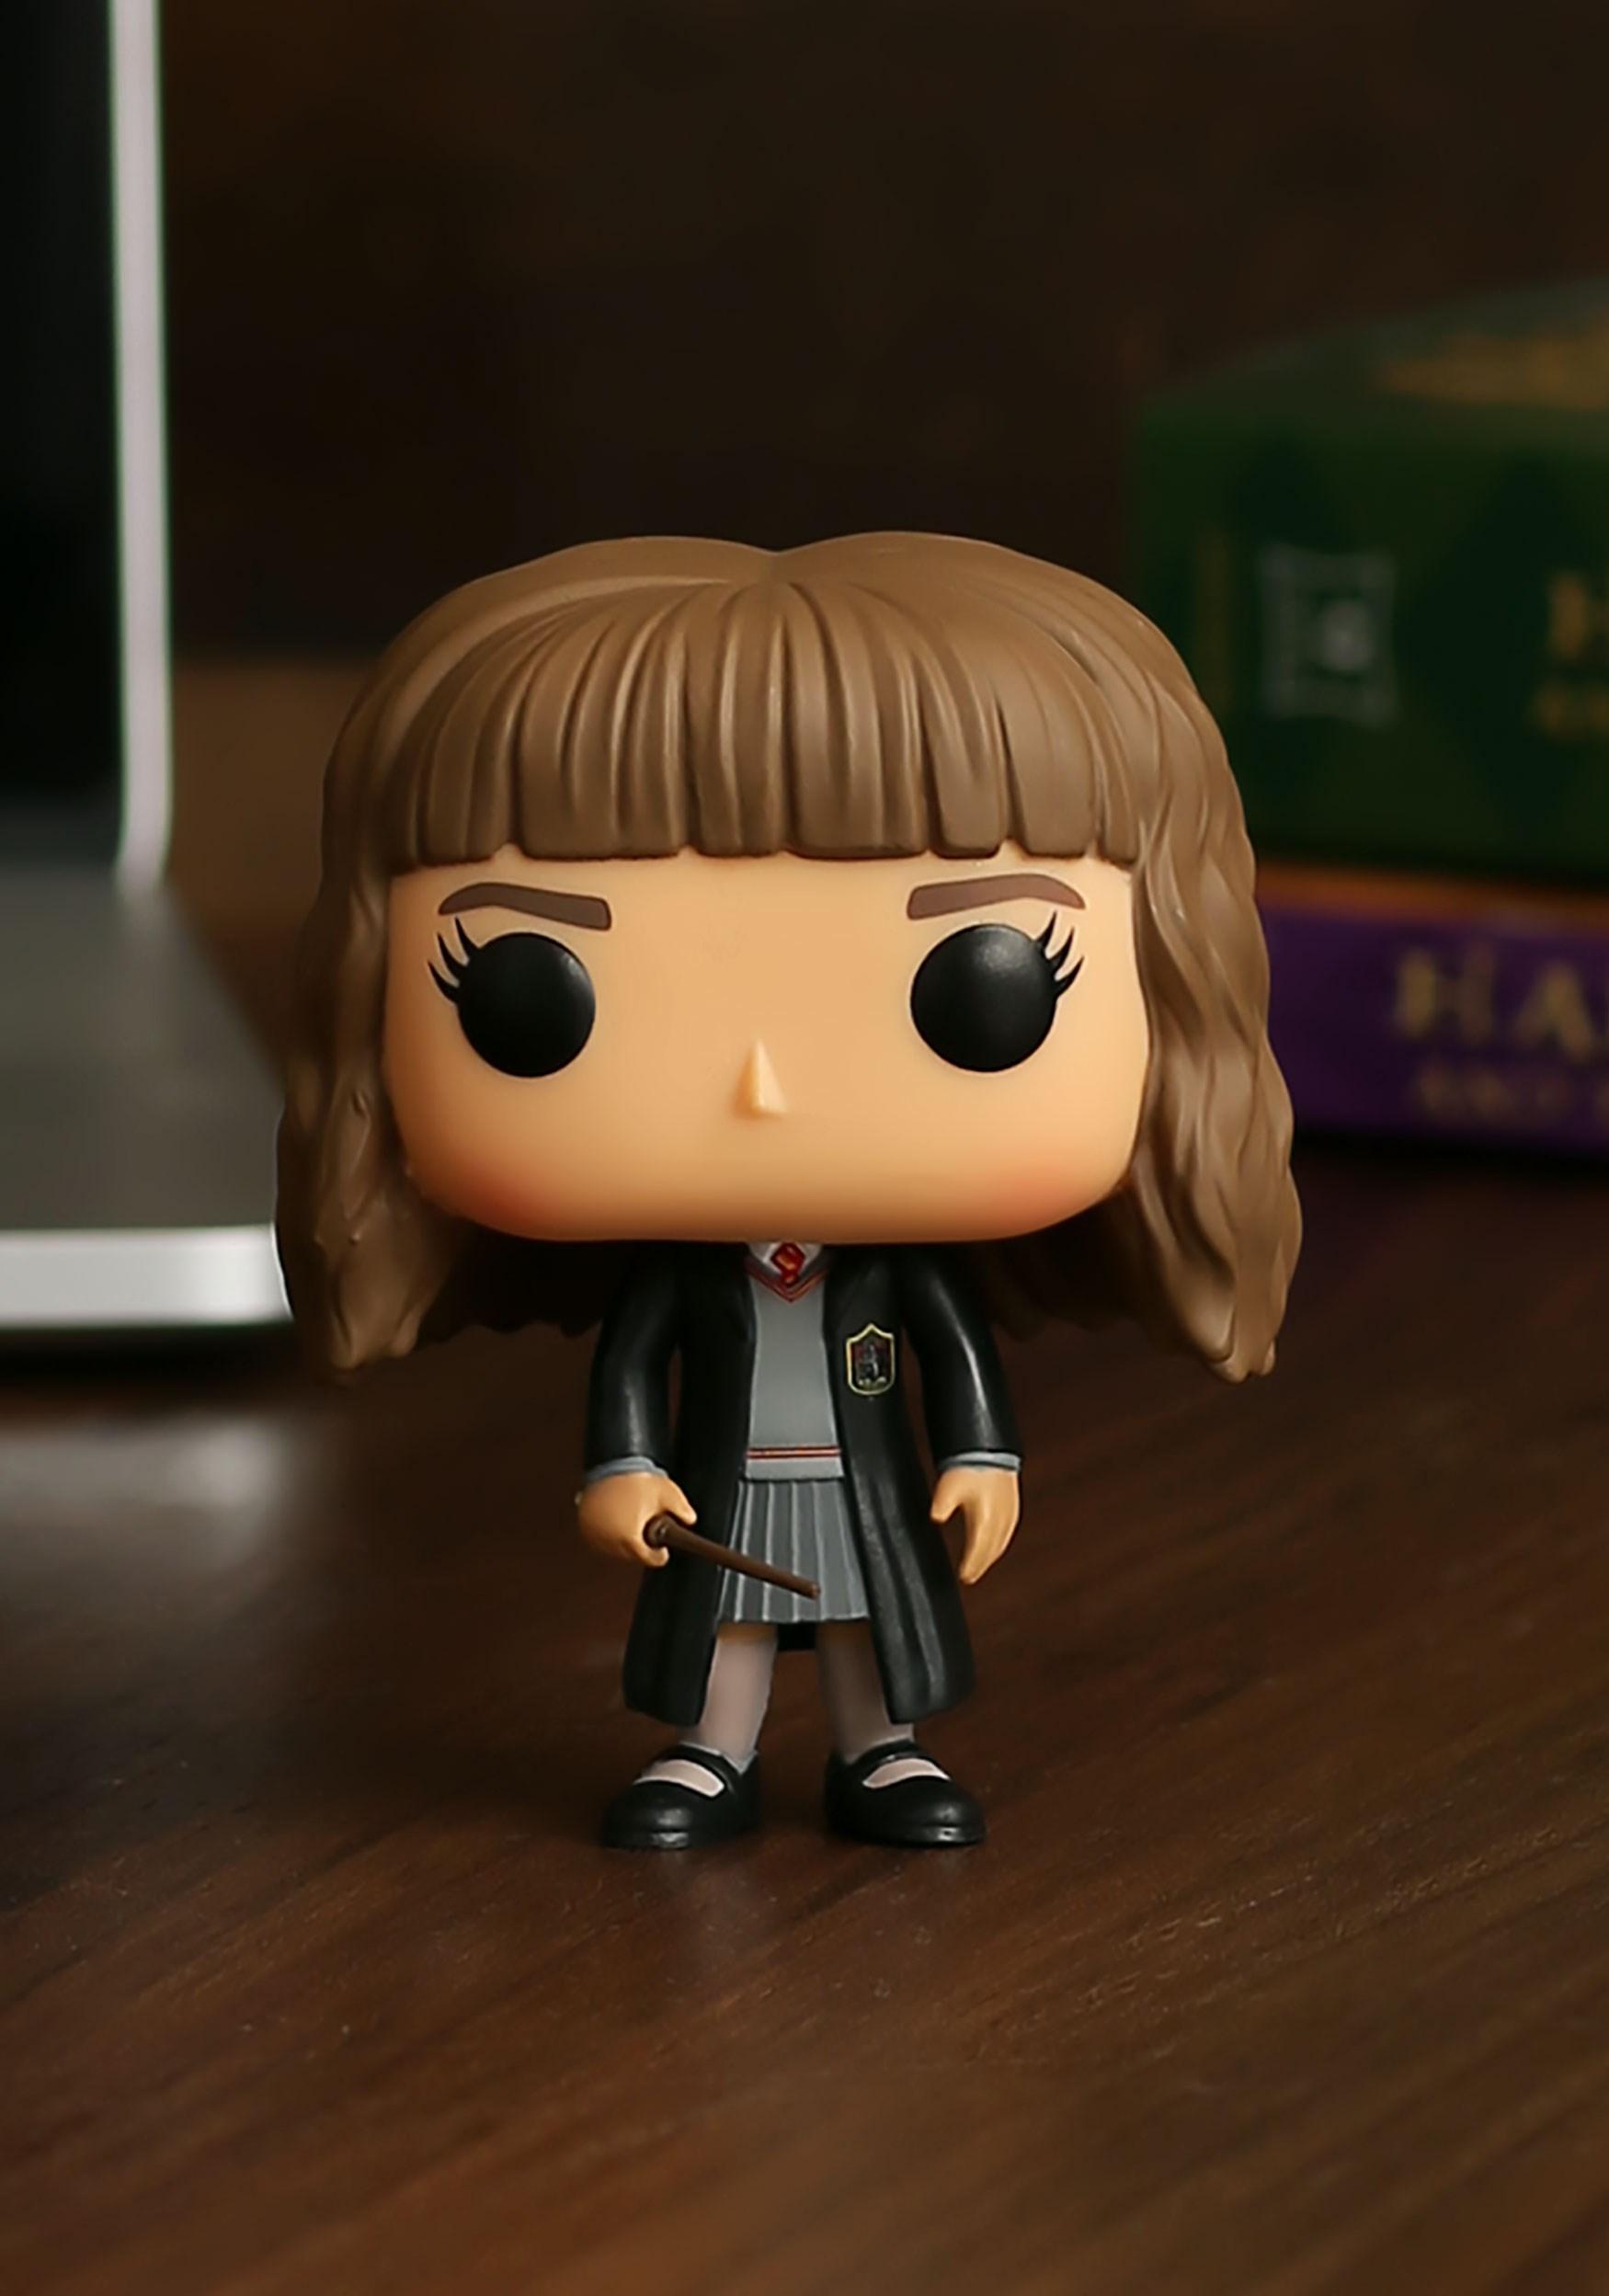 POP! Harry Potter Hermione Granger Vinyl Figure FN5860